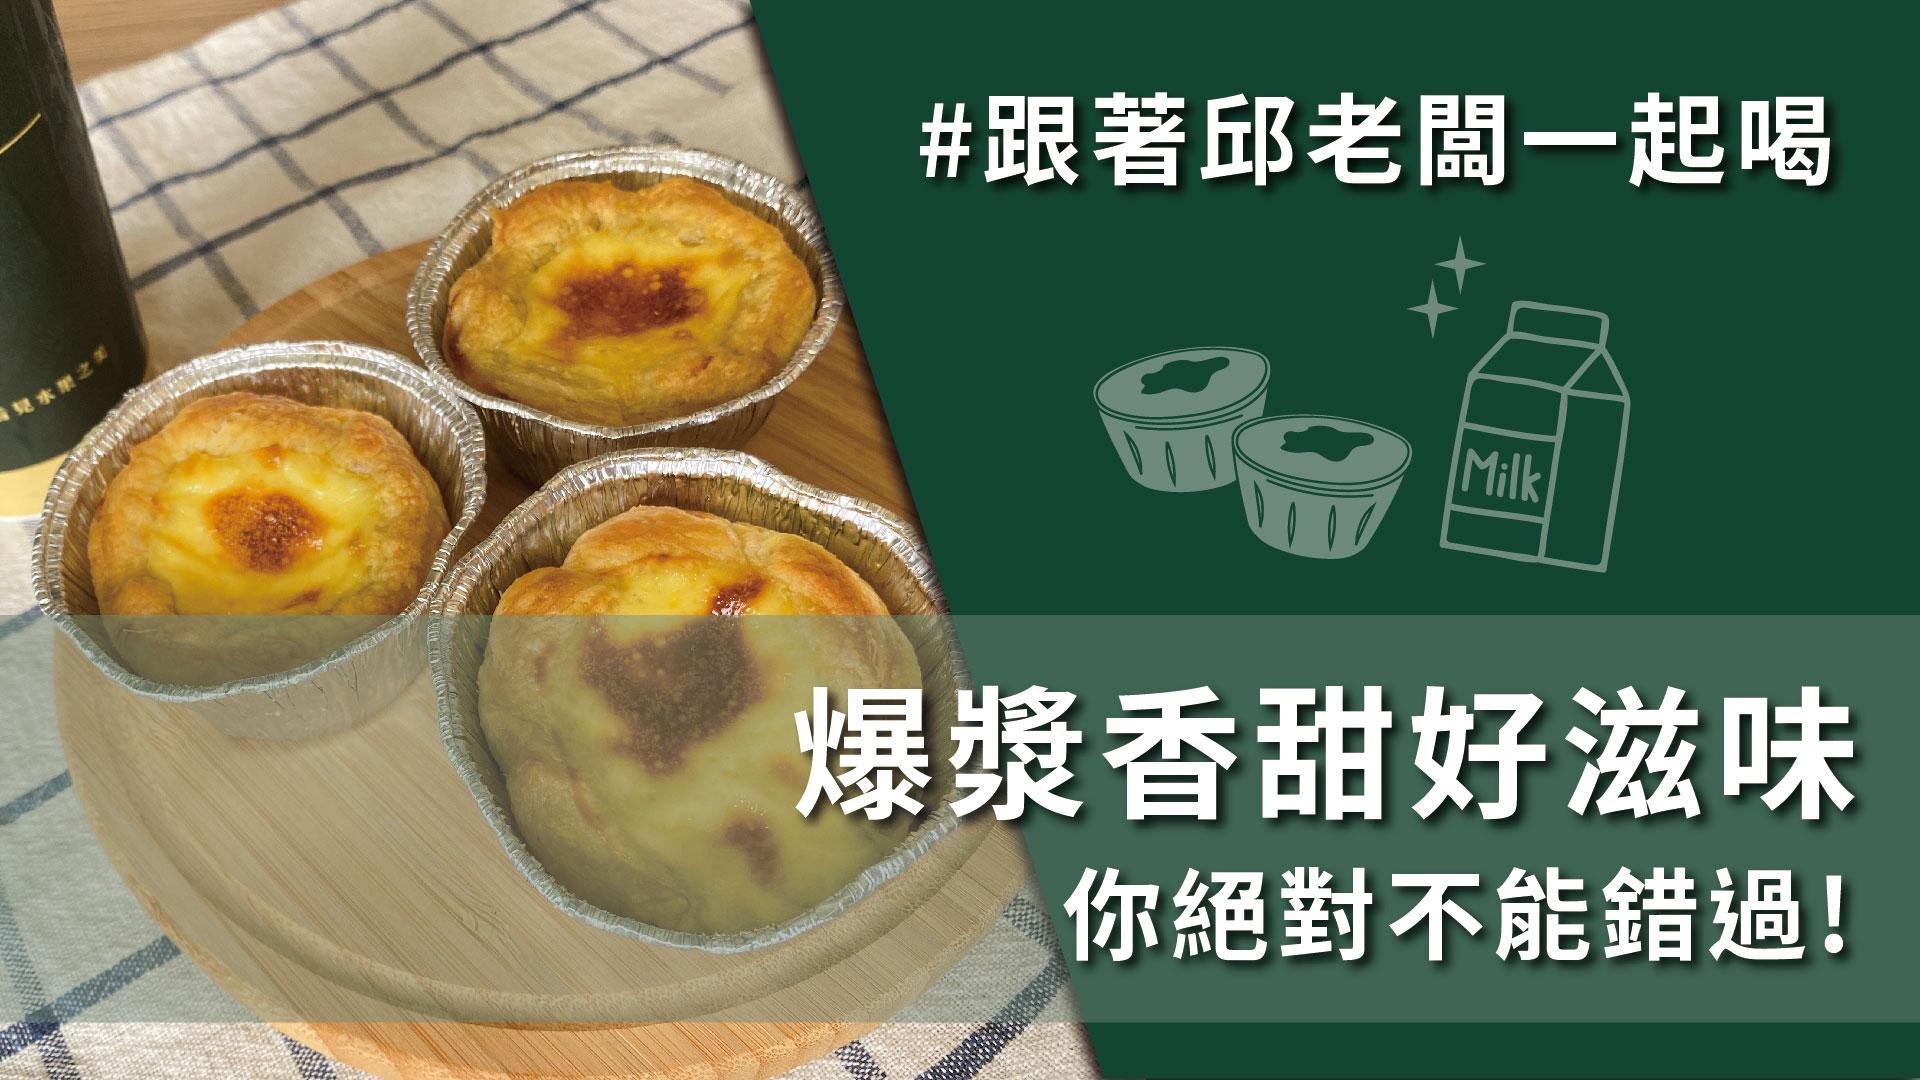 用許慶良鮮乳DIY爆紅蛋塔甜點!超濃醇、超香甜!#跟著邱老闆一起喝 #8月1日 #DAY322